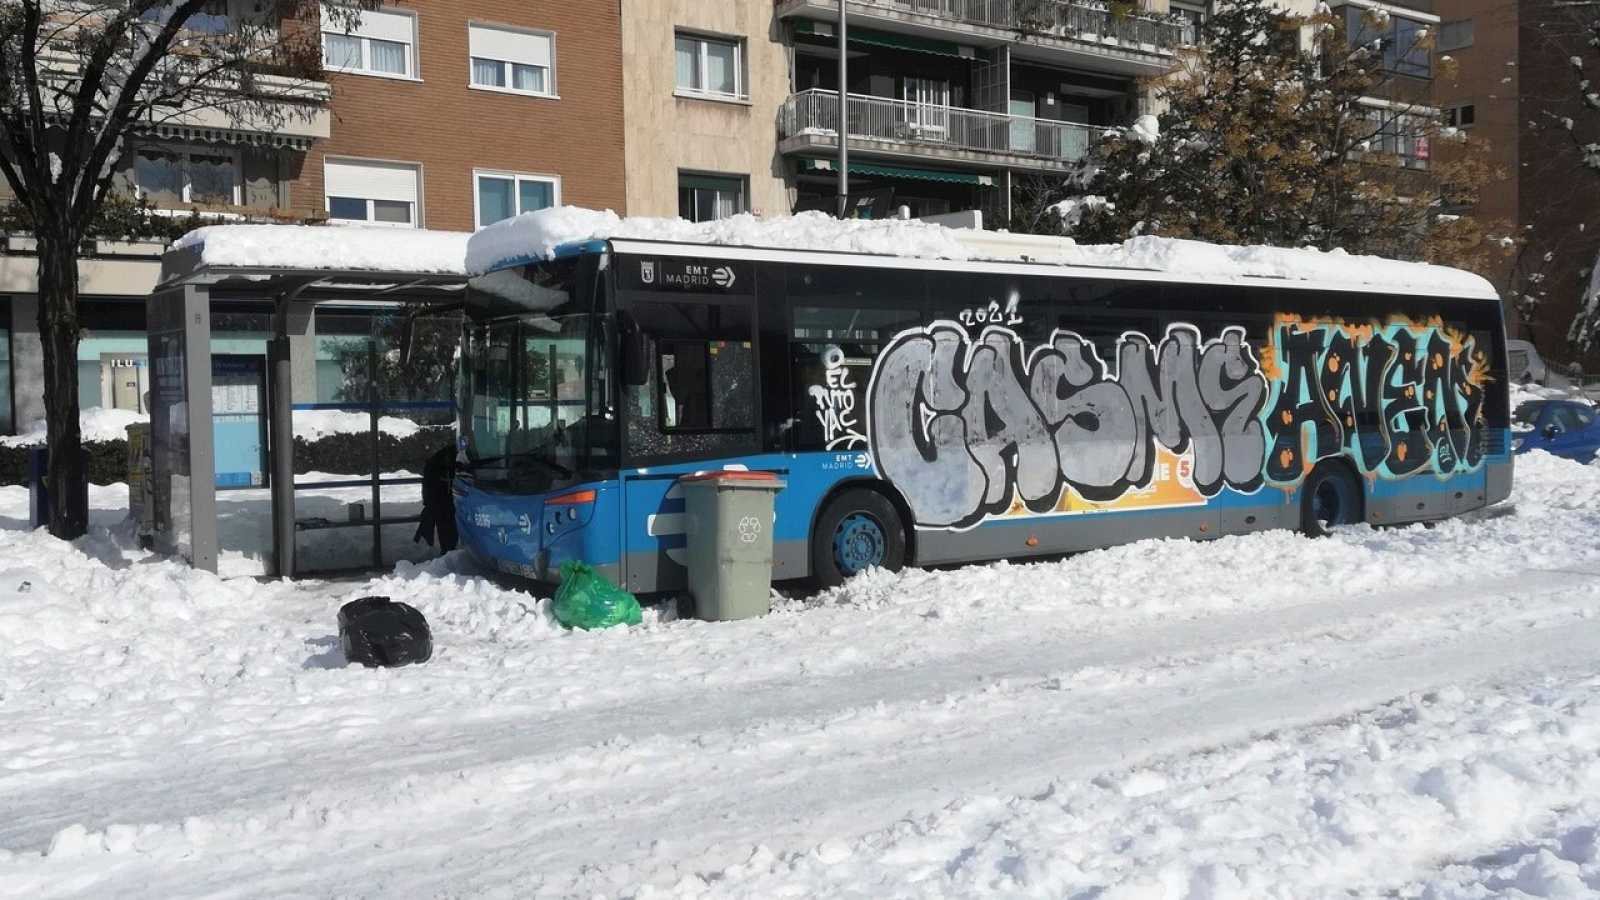 Un autobús de la EMT atrapado en la nieve en Madrid tras el paso de Filomena.  EFE/José Luís Fernández-Checa Roy